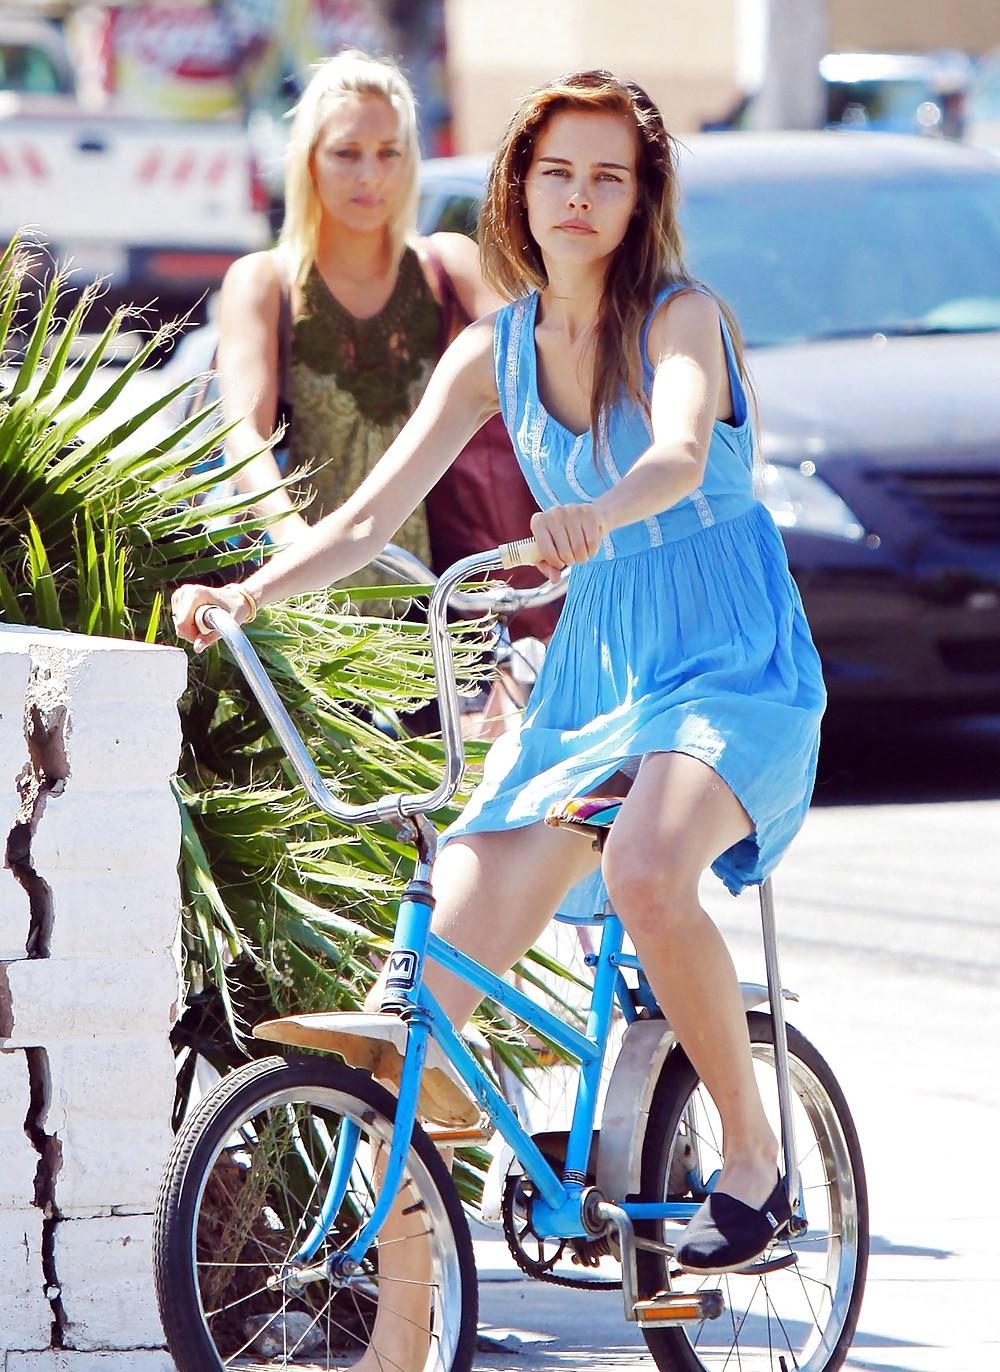 ミニスカ自転車まんさん、、きちんと心の準備をしていた。(画像)・6枚目